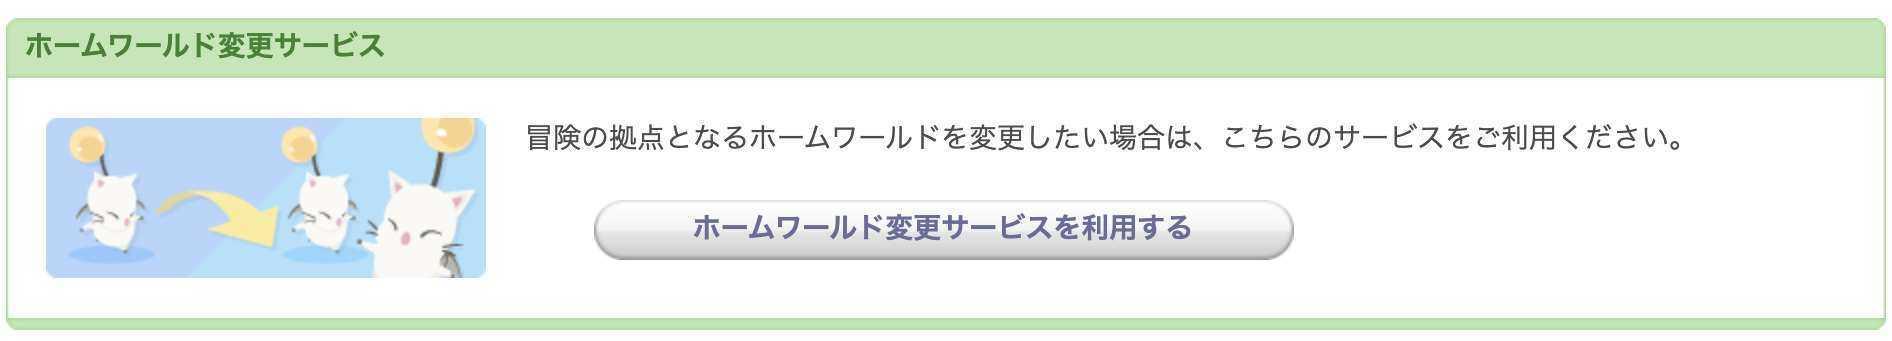 ホームワールド変更サービス.jpg